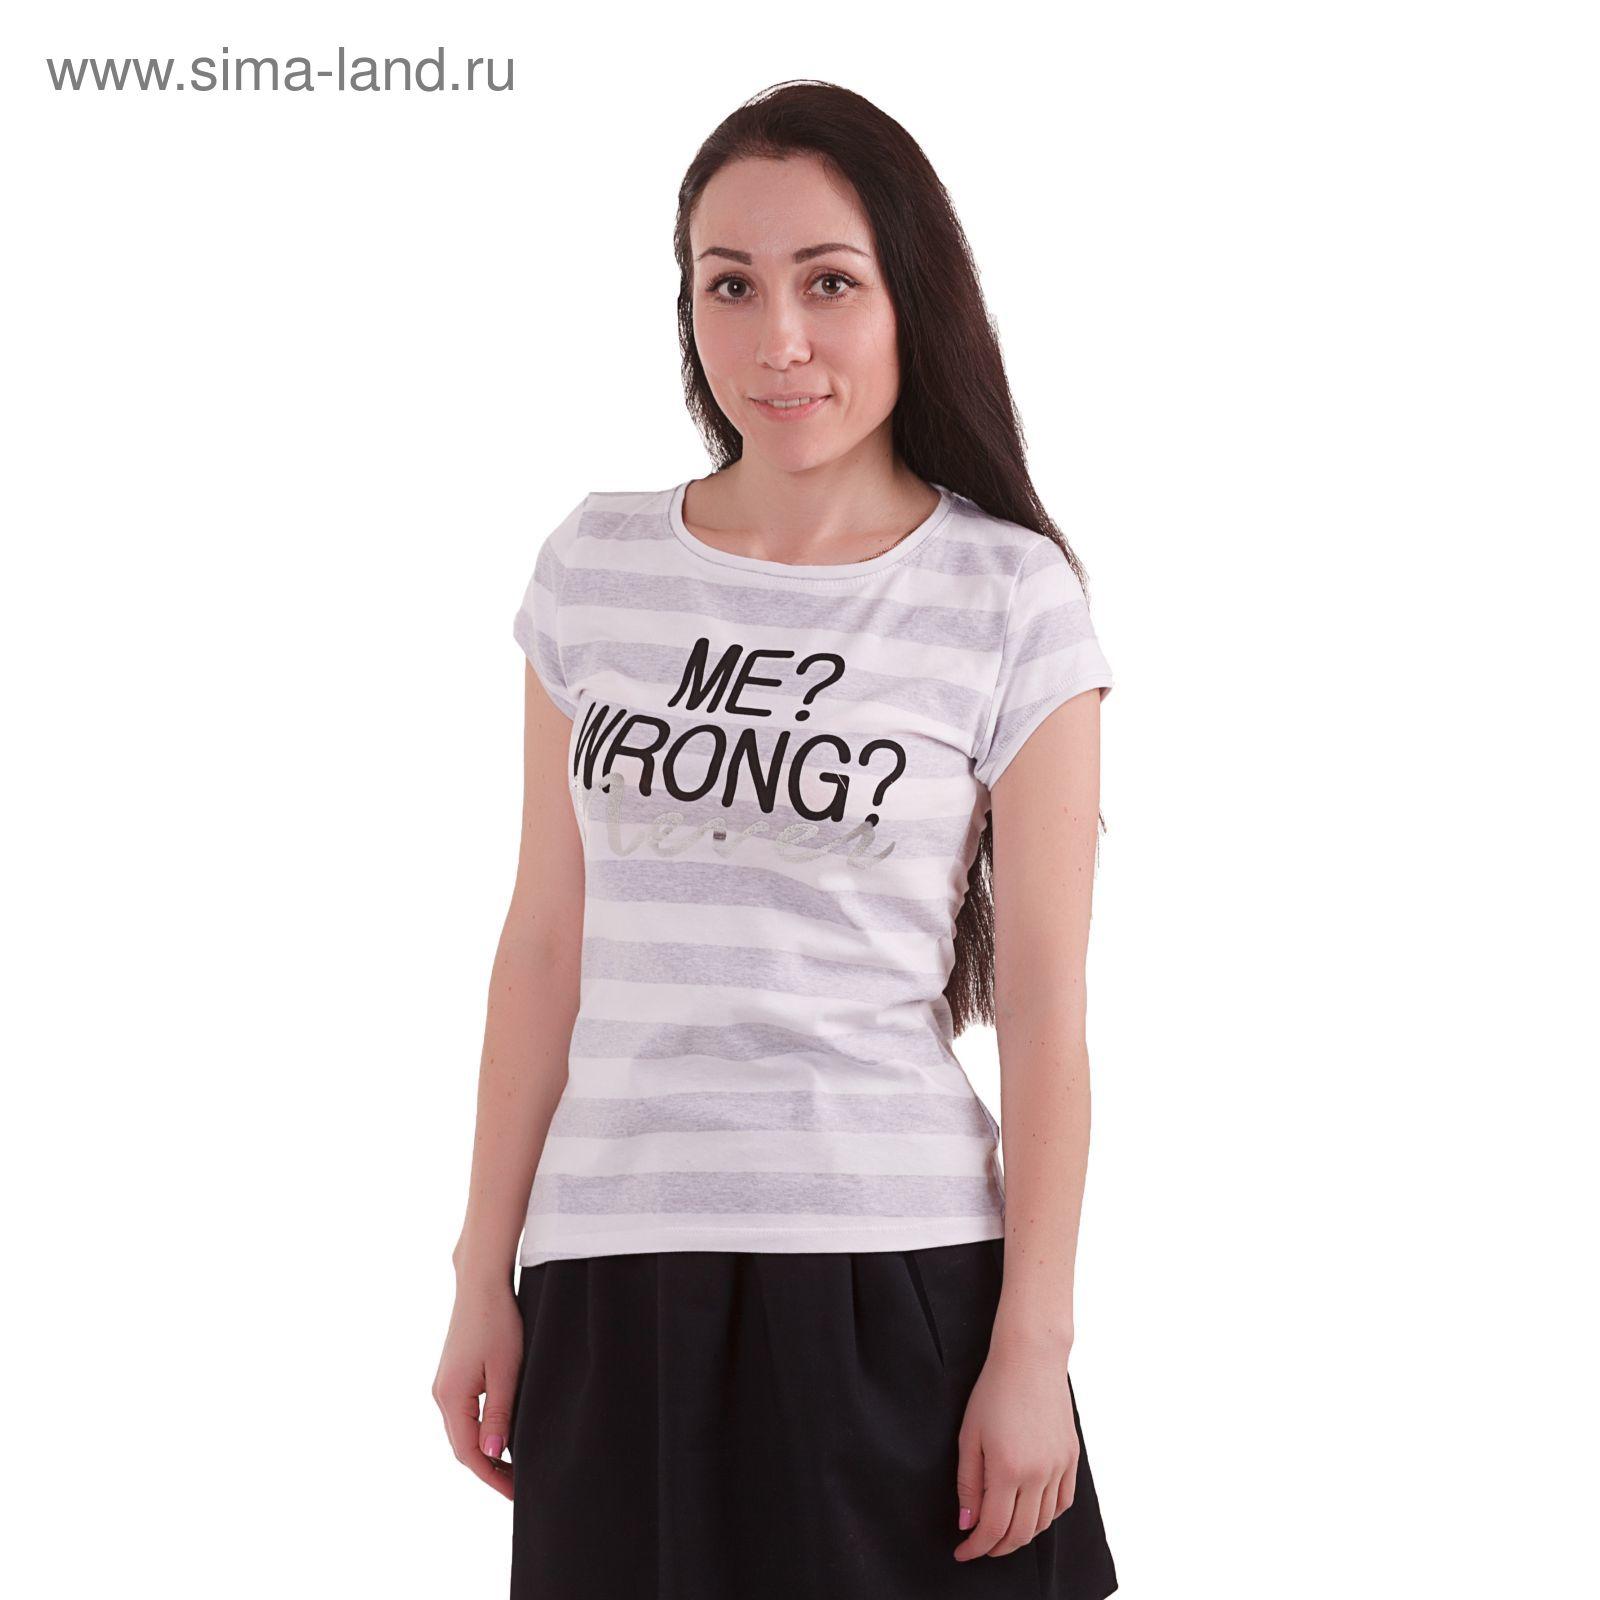 Futbolka Zhenskaya 10200110013 Razmer 40 Xxs Rost 170 Sm Cvet